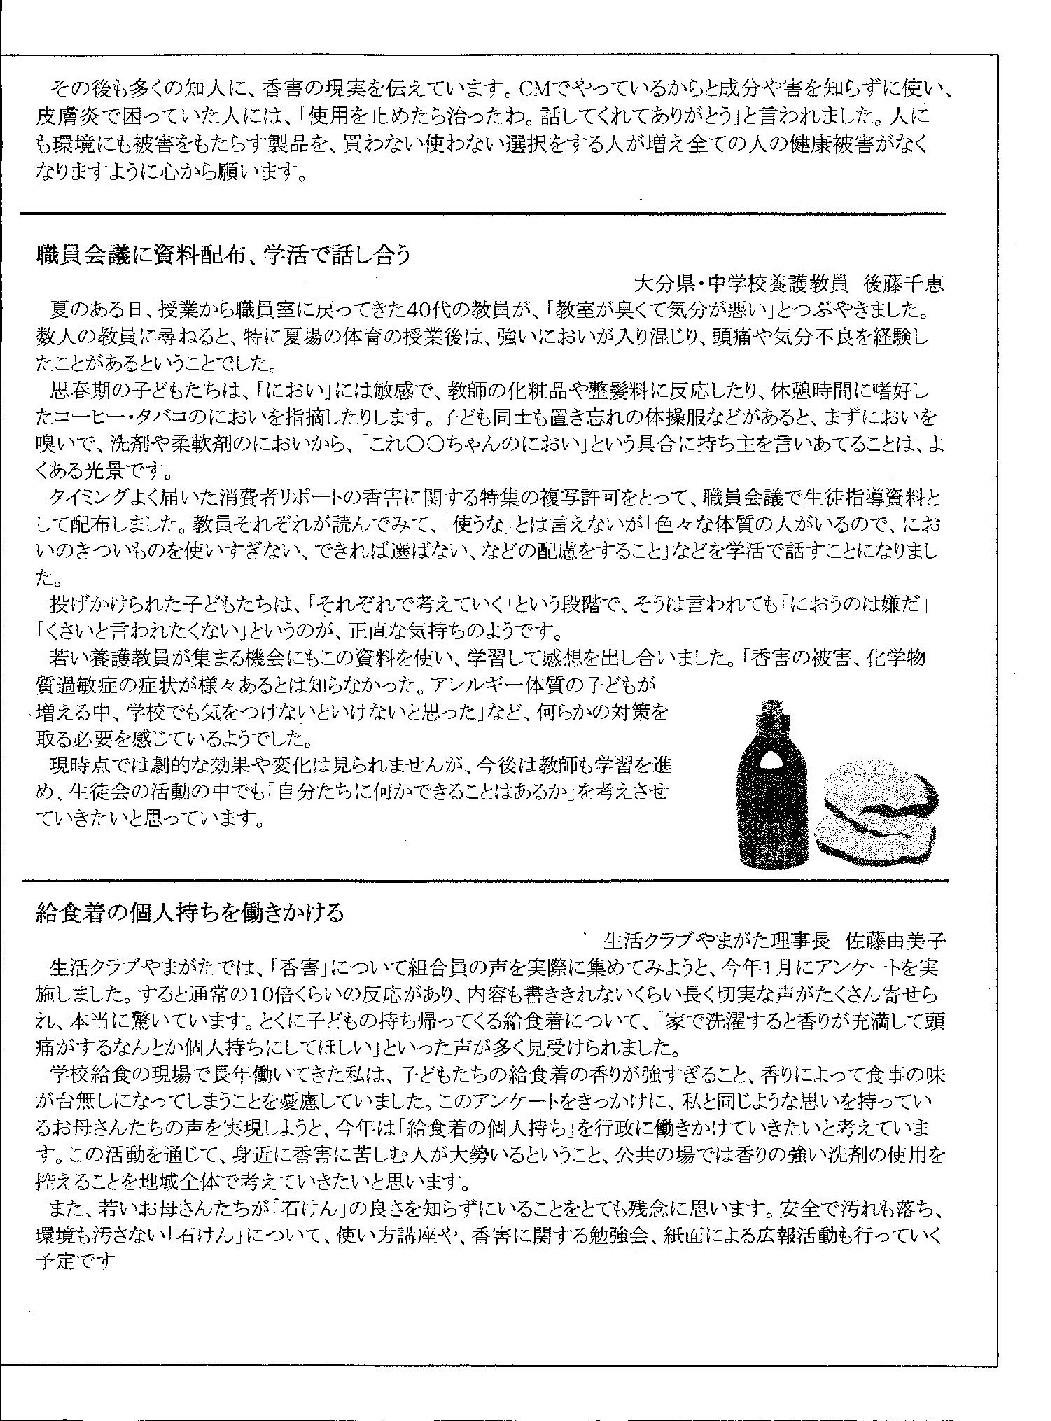 「つながり広がる香害なくす運動 その②」コープ自然派しこく_c0330749_23500226.jpg